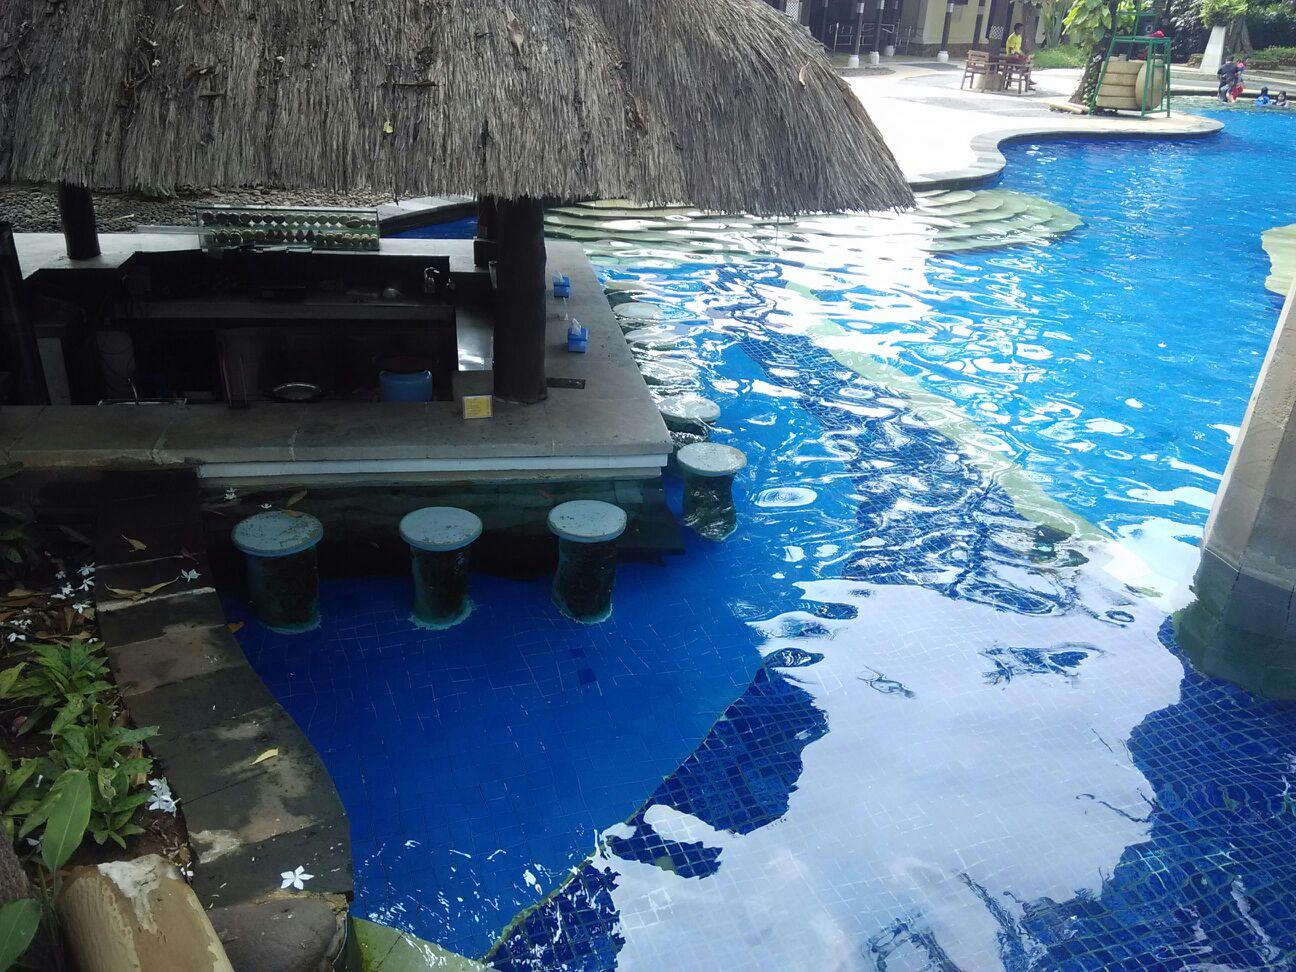 Waterboom Lippo Cikarang Pesona Bali Di Jawa Barat Voucher Water Boom Memiliki Kolam Dengan 3 Zona Renang Yakni Yang Diperuntukkan Bagi Kalangan Anak Untuk Dewasa Dan